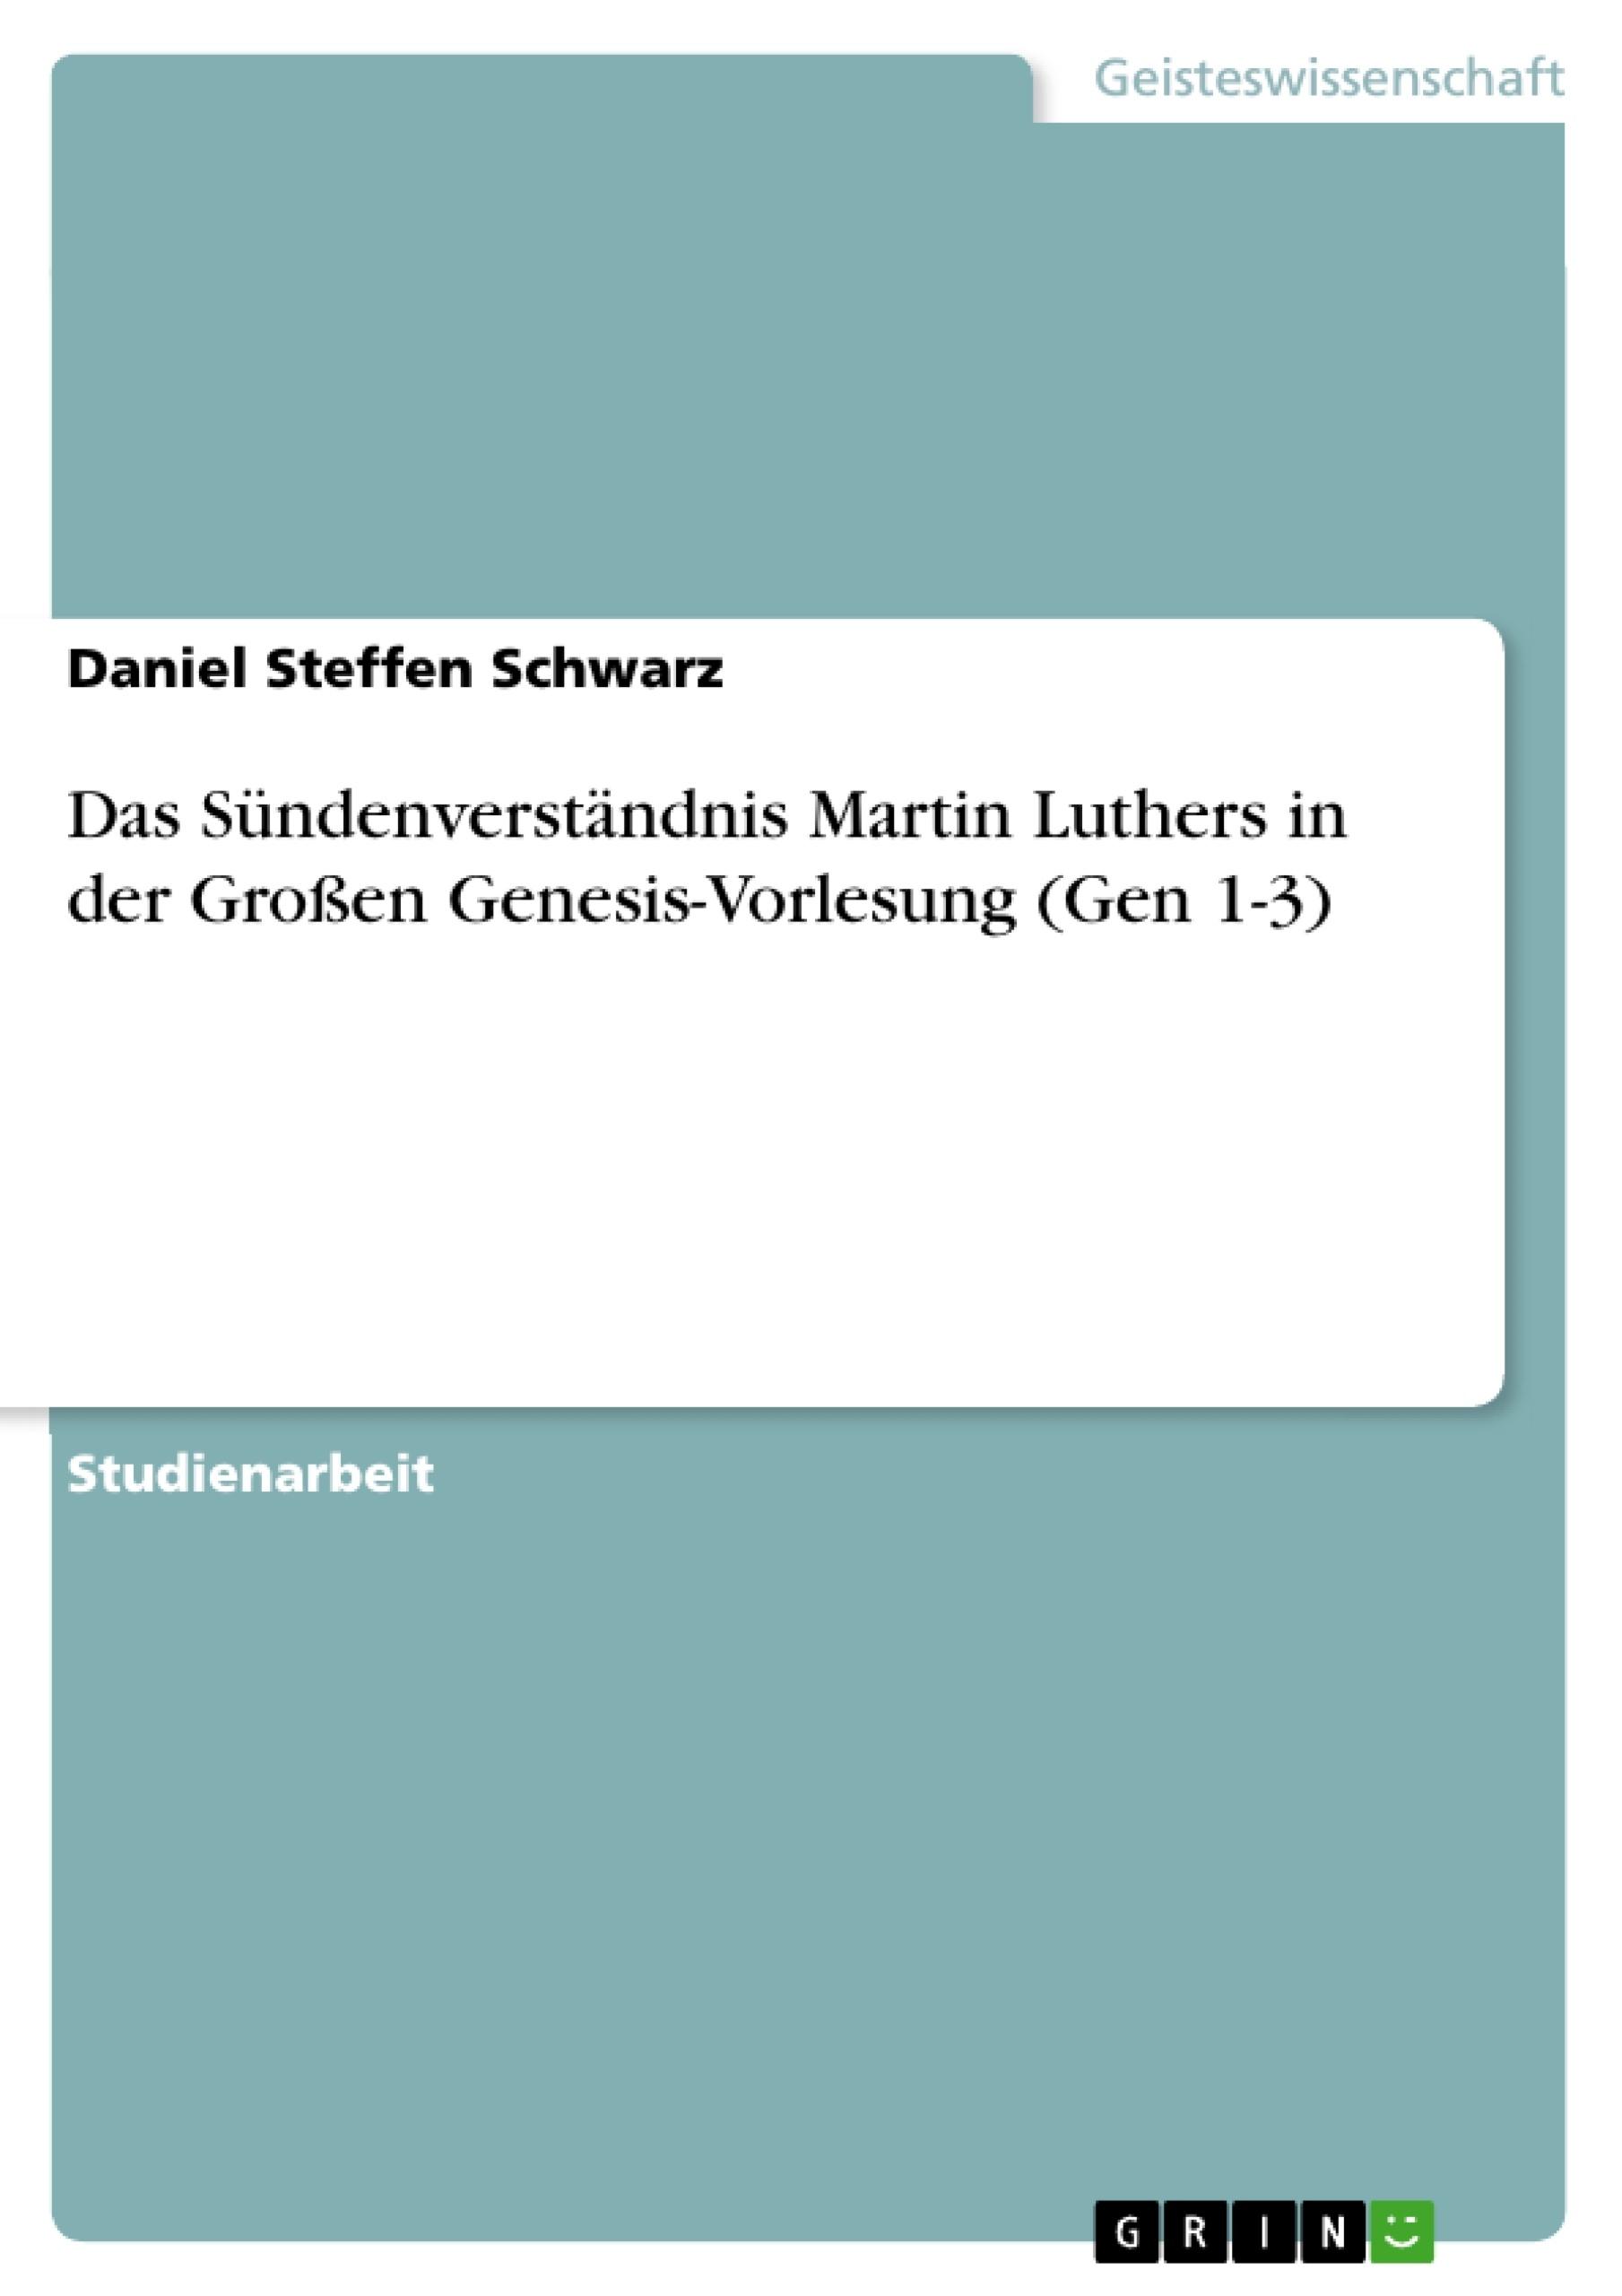 Titel: Das Sündenverständnis Martin Luthers in der Großen Genesis-Vorlesung (Gen 1-3)